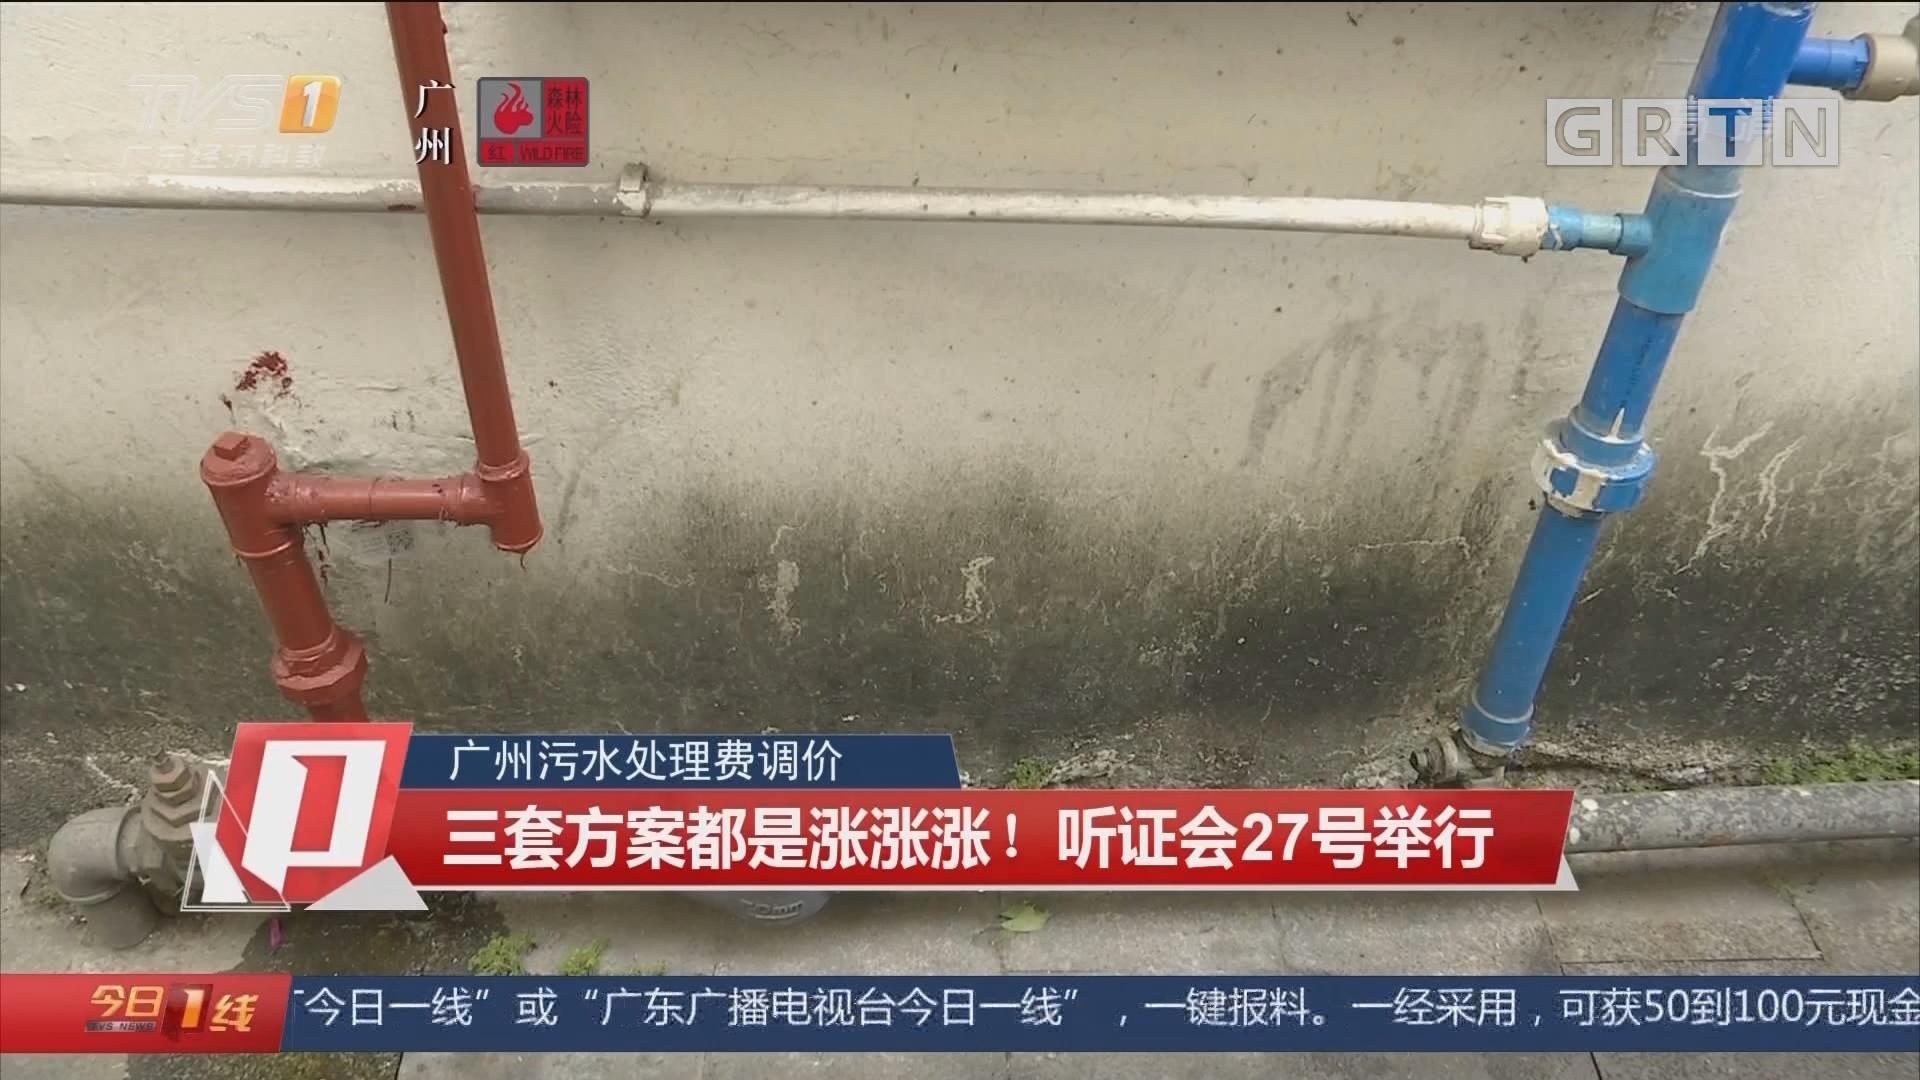 广州污水处理费调价 三套方案都是涨涨涨!听证会27号举行